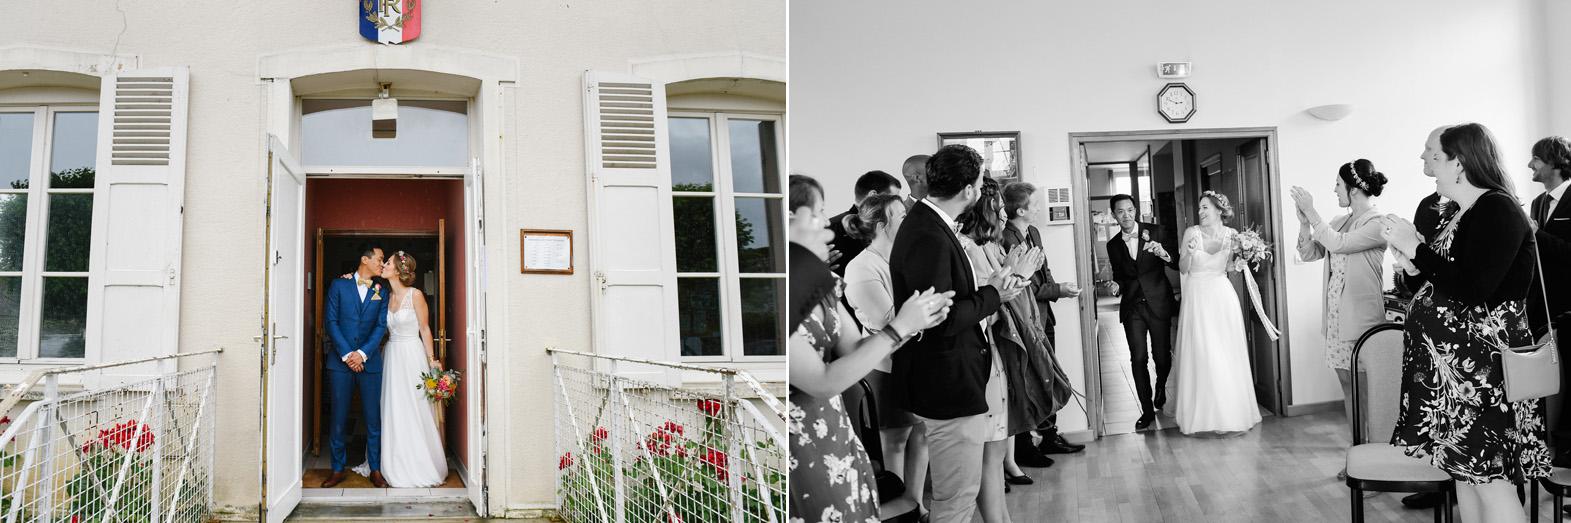 mariage_LW_domaine de la Pepiniere_seine-et-marne_77_photographie_clemence_dubois MEP12